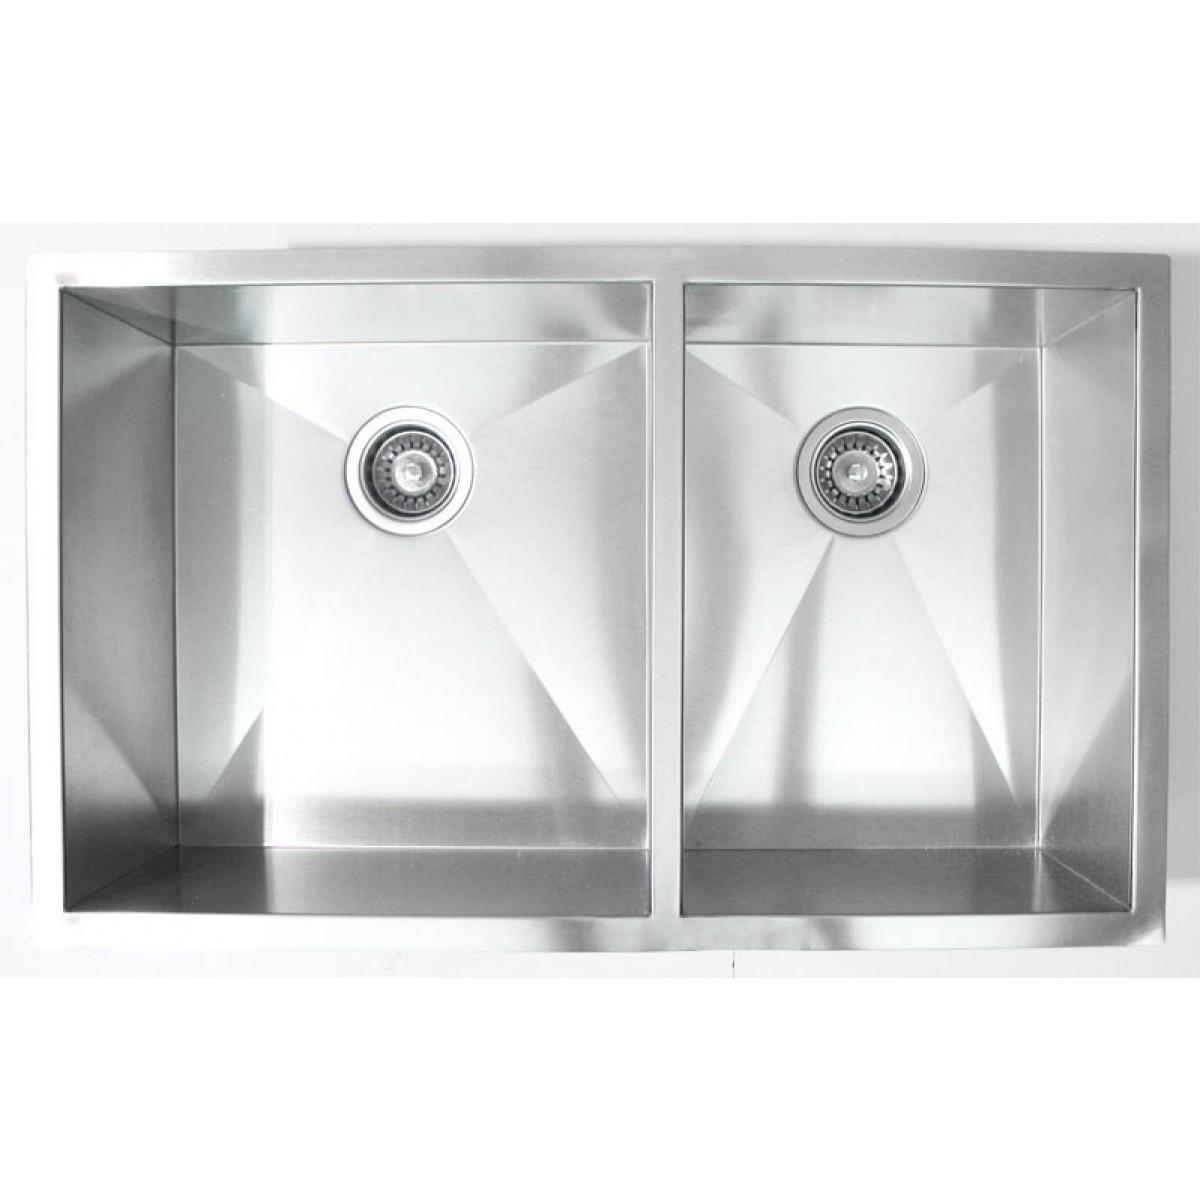 32 Inch Stainless Steel Undermount 60 40 Double Bowl Kitchen Sink Zero Radius Design